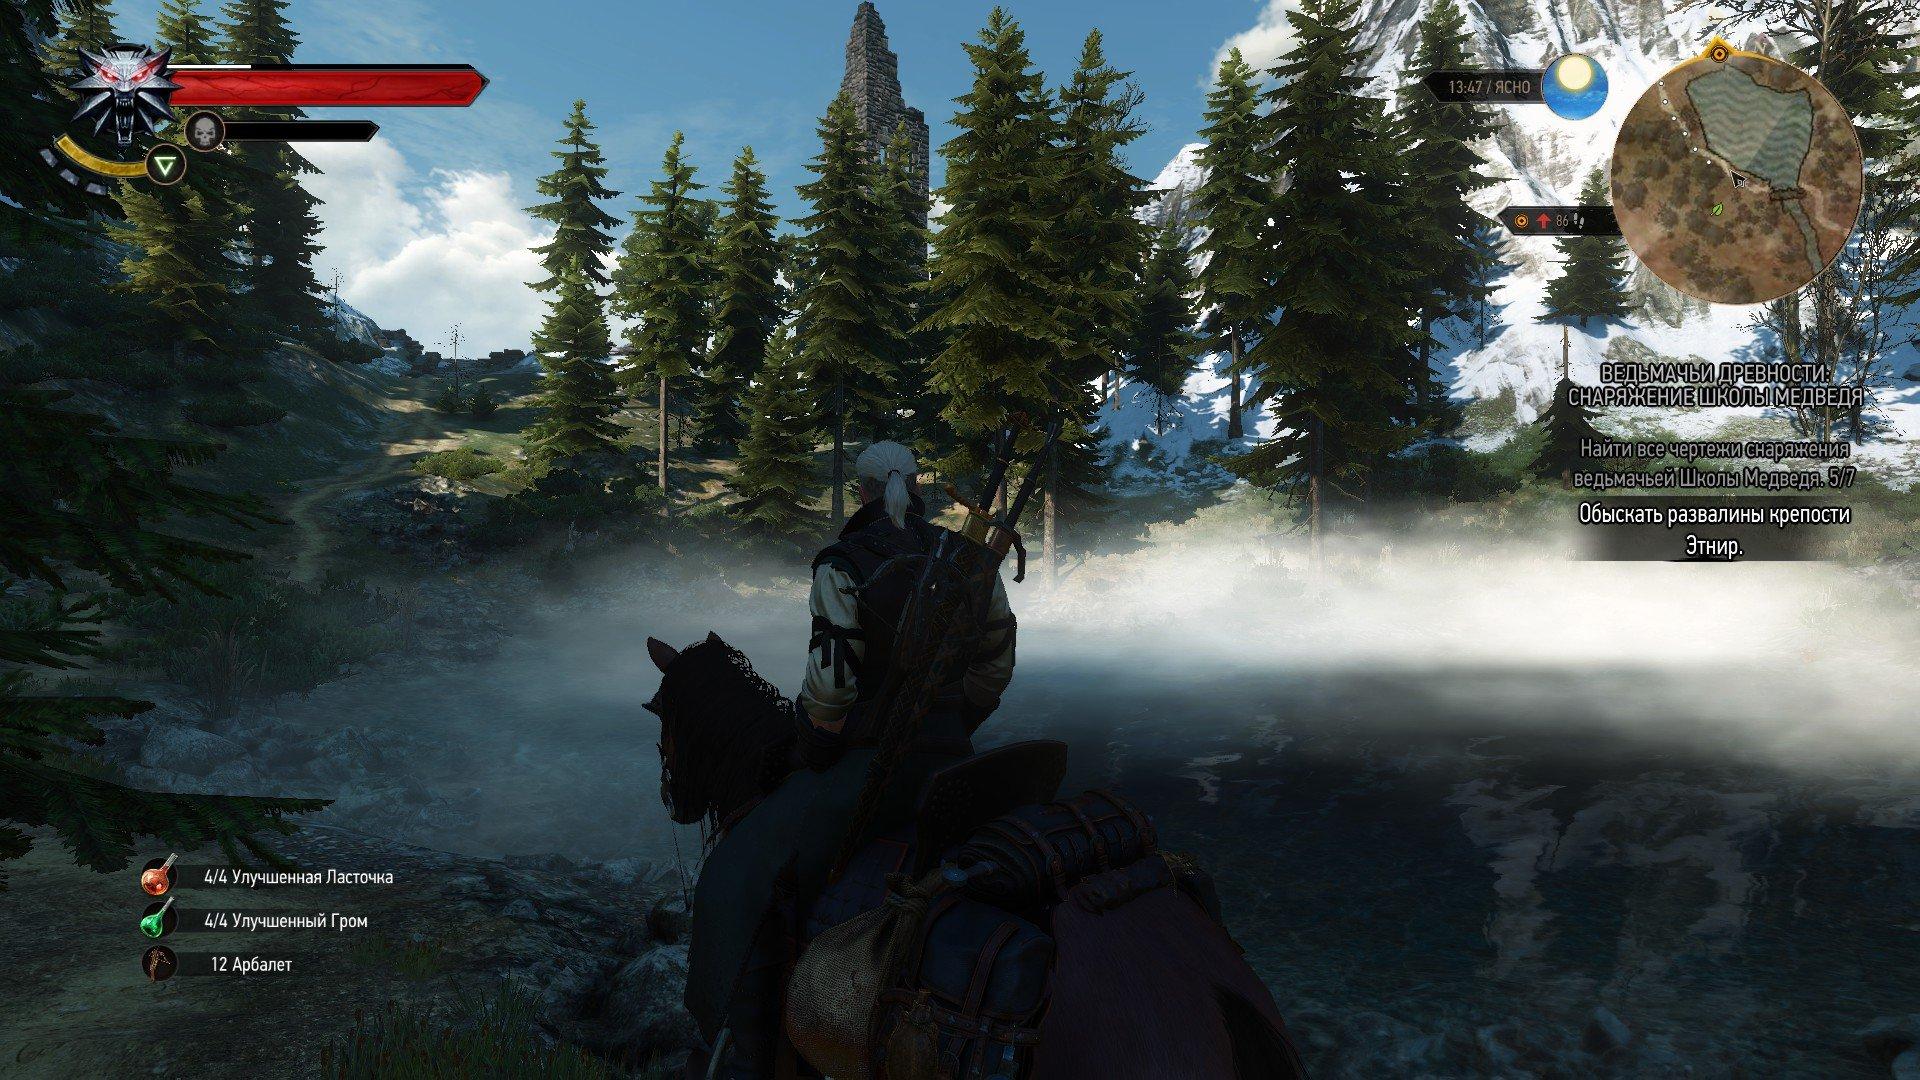 The Witcher 3: Wild Hunt. Подробности патча 1.08.   Патч 1.08 должен подготовить игру к выходу 16-го длс, улучшить о .... - Изображение 5